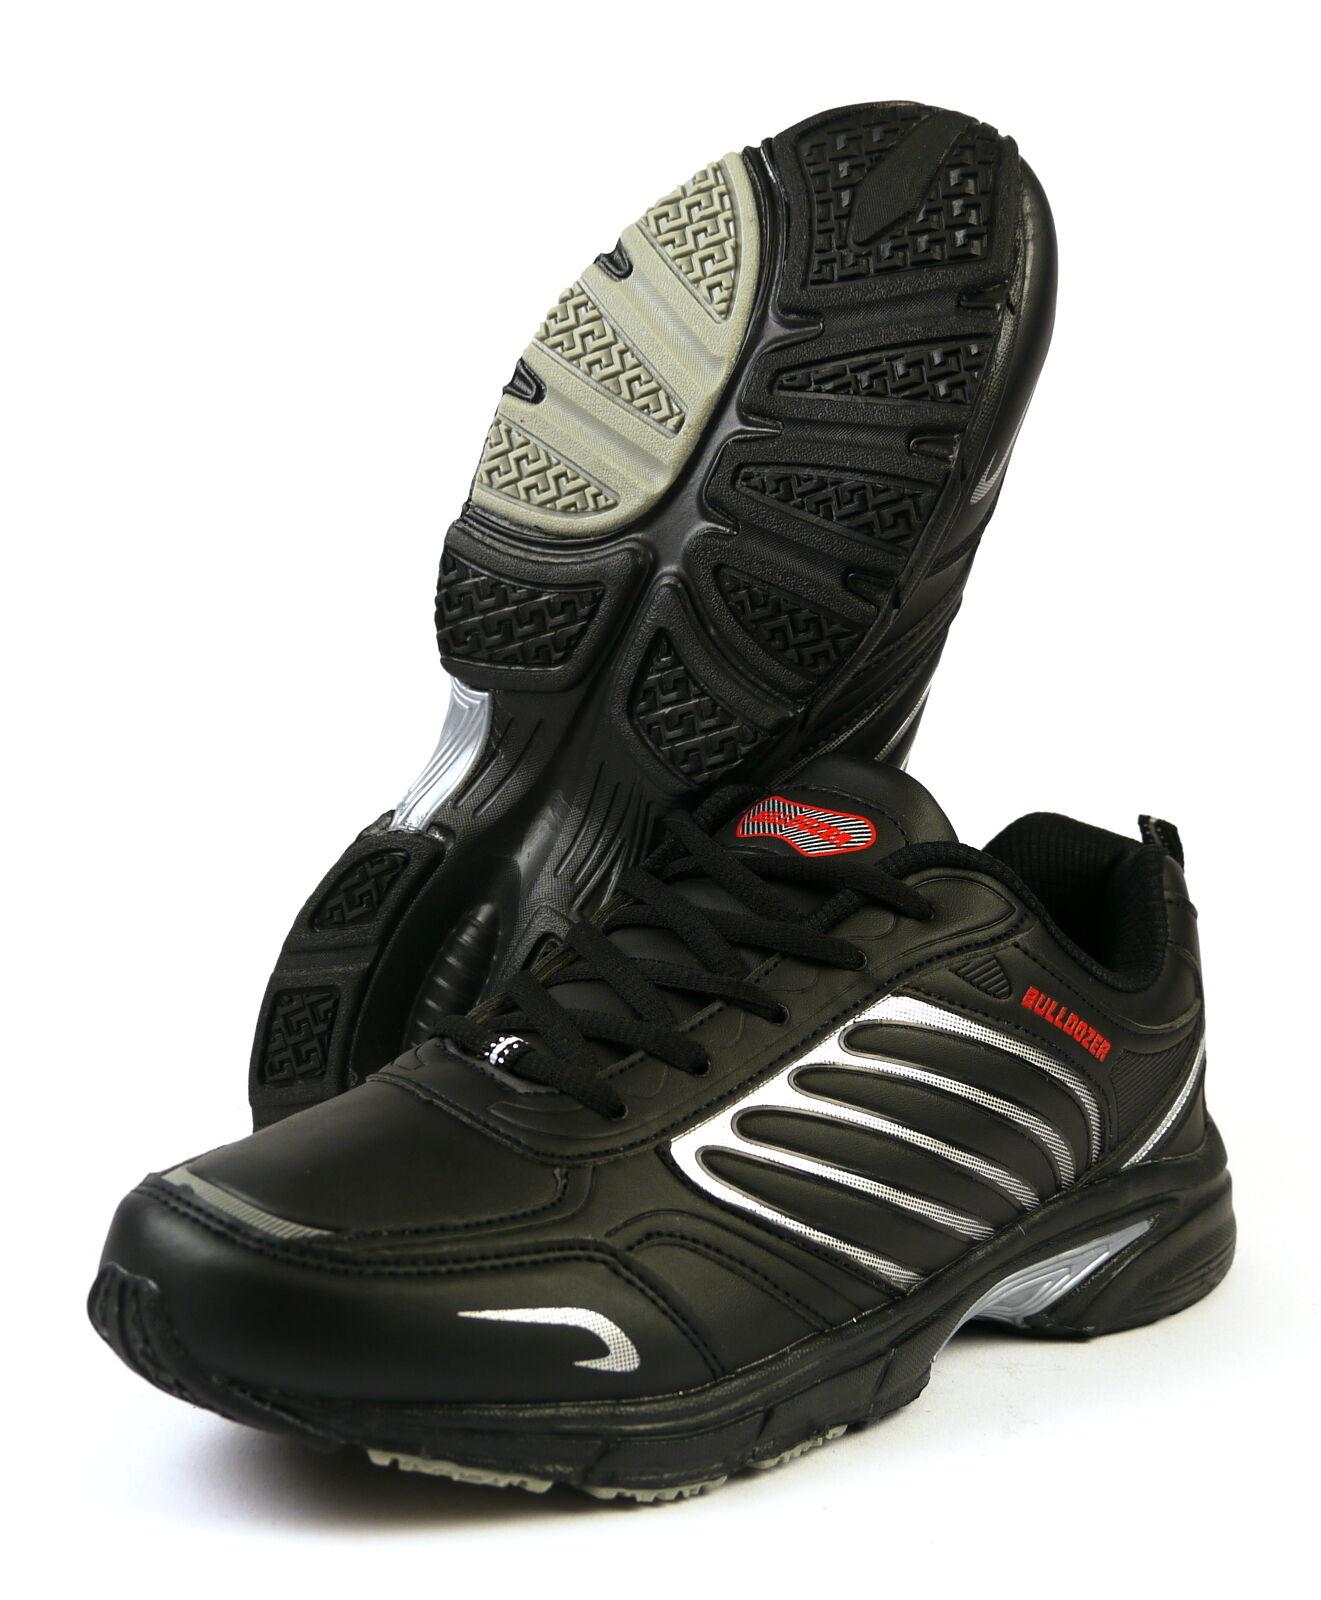 Bulldozer 3439 Sneaker Men Size 41 - 46 Black NEW